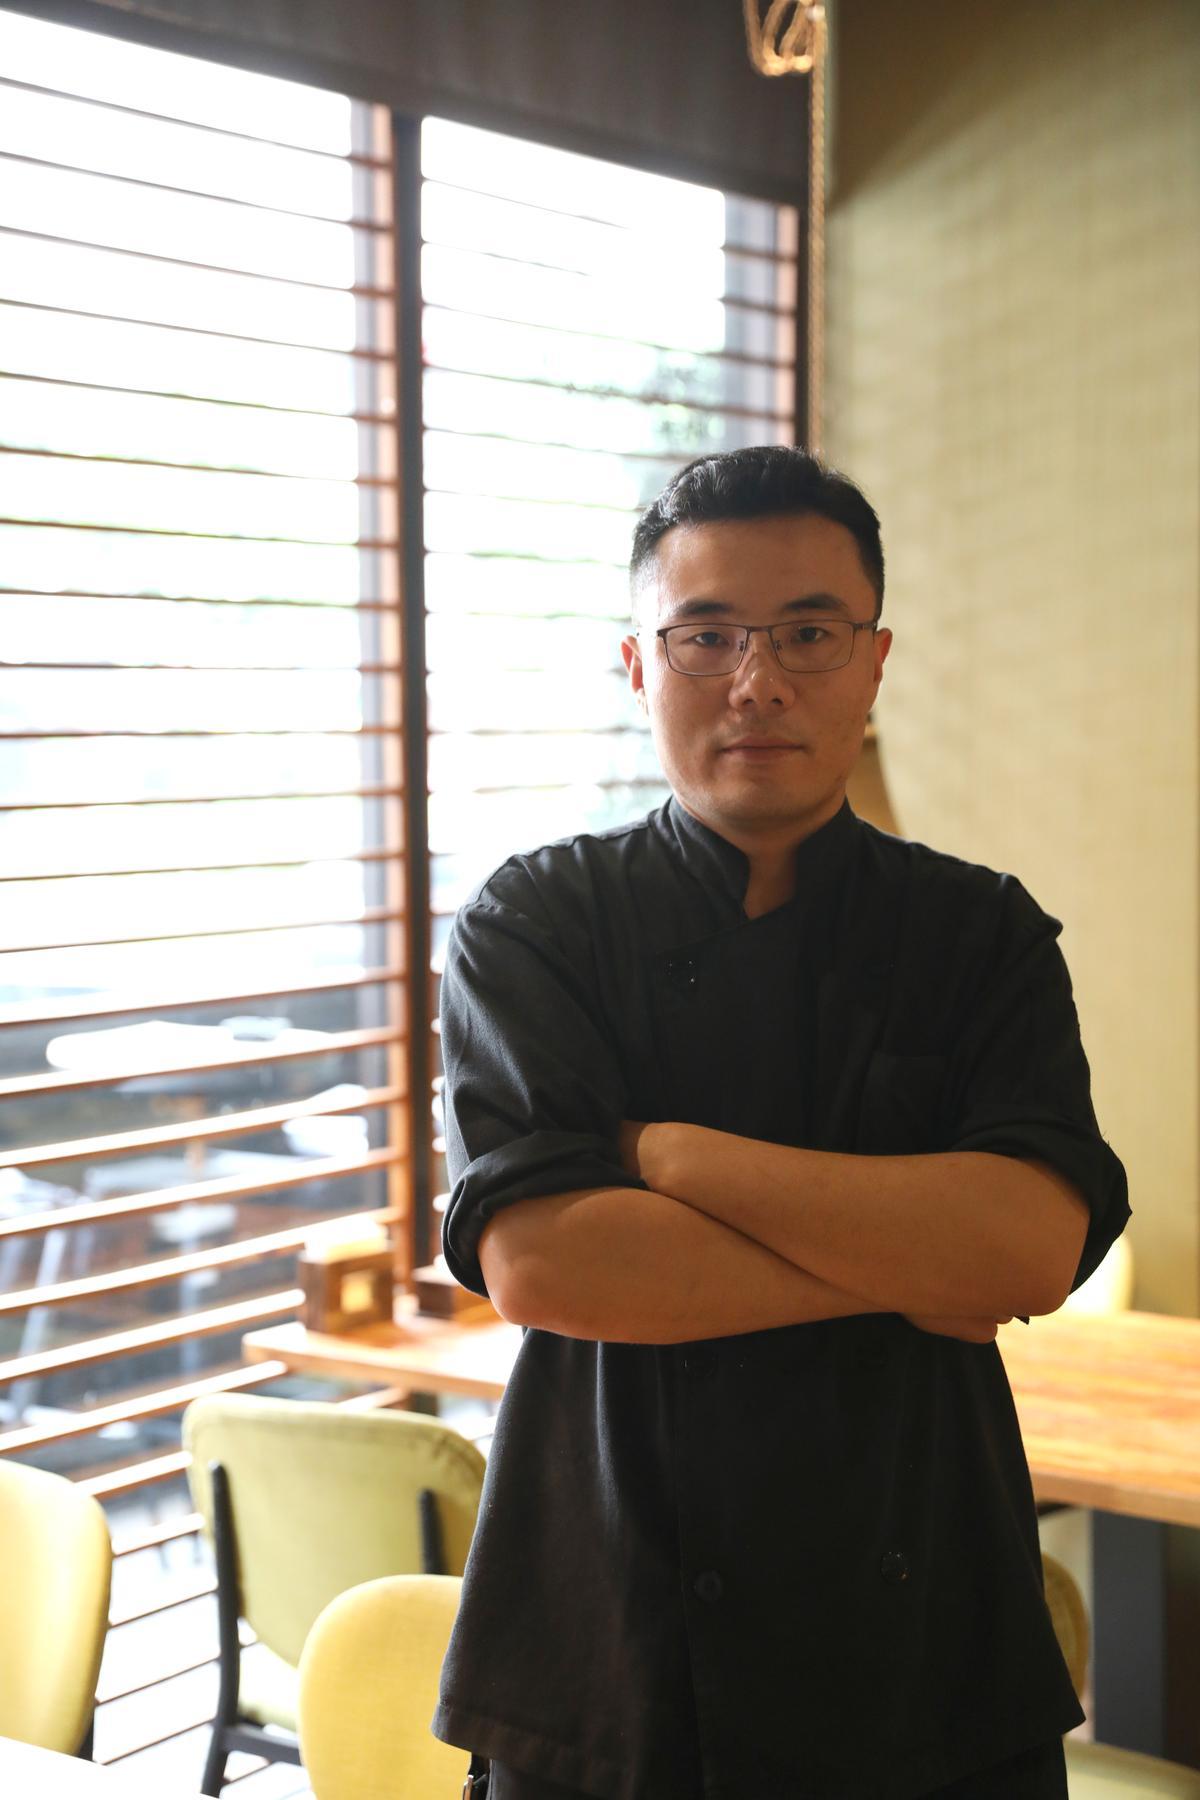 小川主廚付連康來台6年,最初在「俏江南」掌廚,擅長新派川菜,5月剛換新菜單,把味道調整得更正宗。